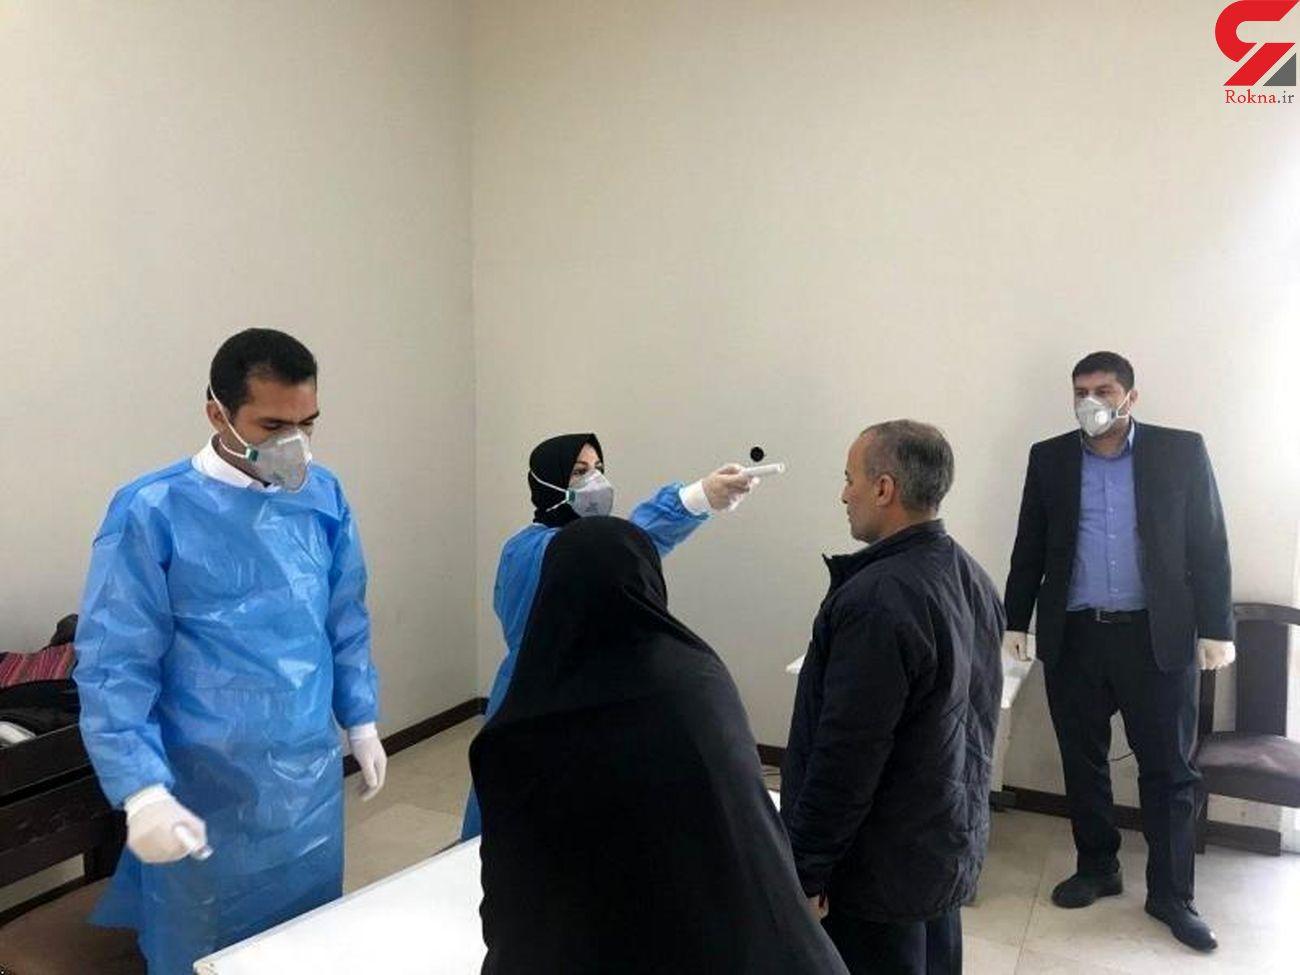 آمار جانباختگان کروناویروس در ایران به 12 نفر رسید / 64 مبتلا در کل کشور